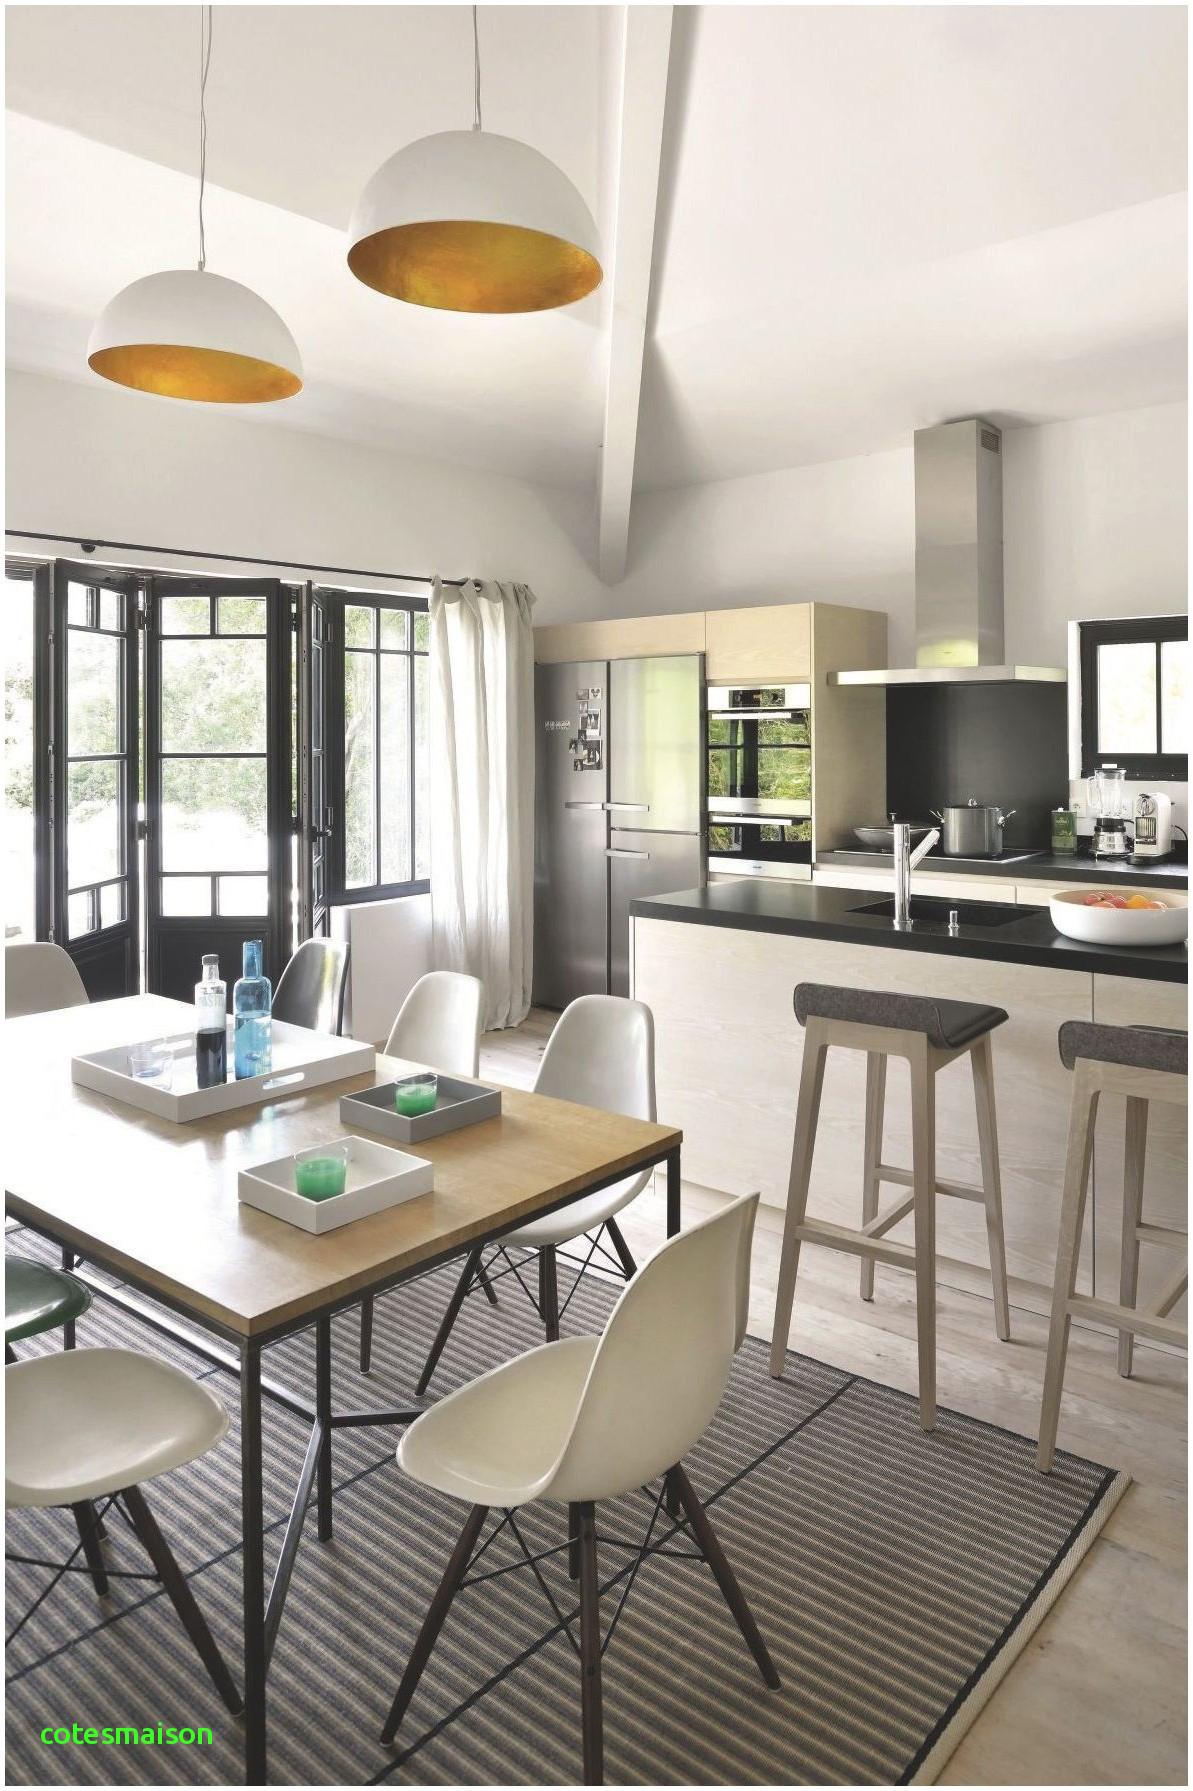 Idée Jardin Moderne Impressionnant Photographie éclatant Aussi Bien Que attrayant Déco Armoire Ikea – Cotesmaison